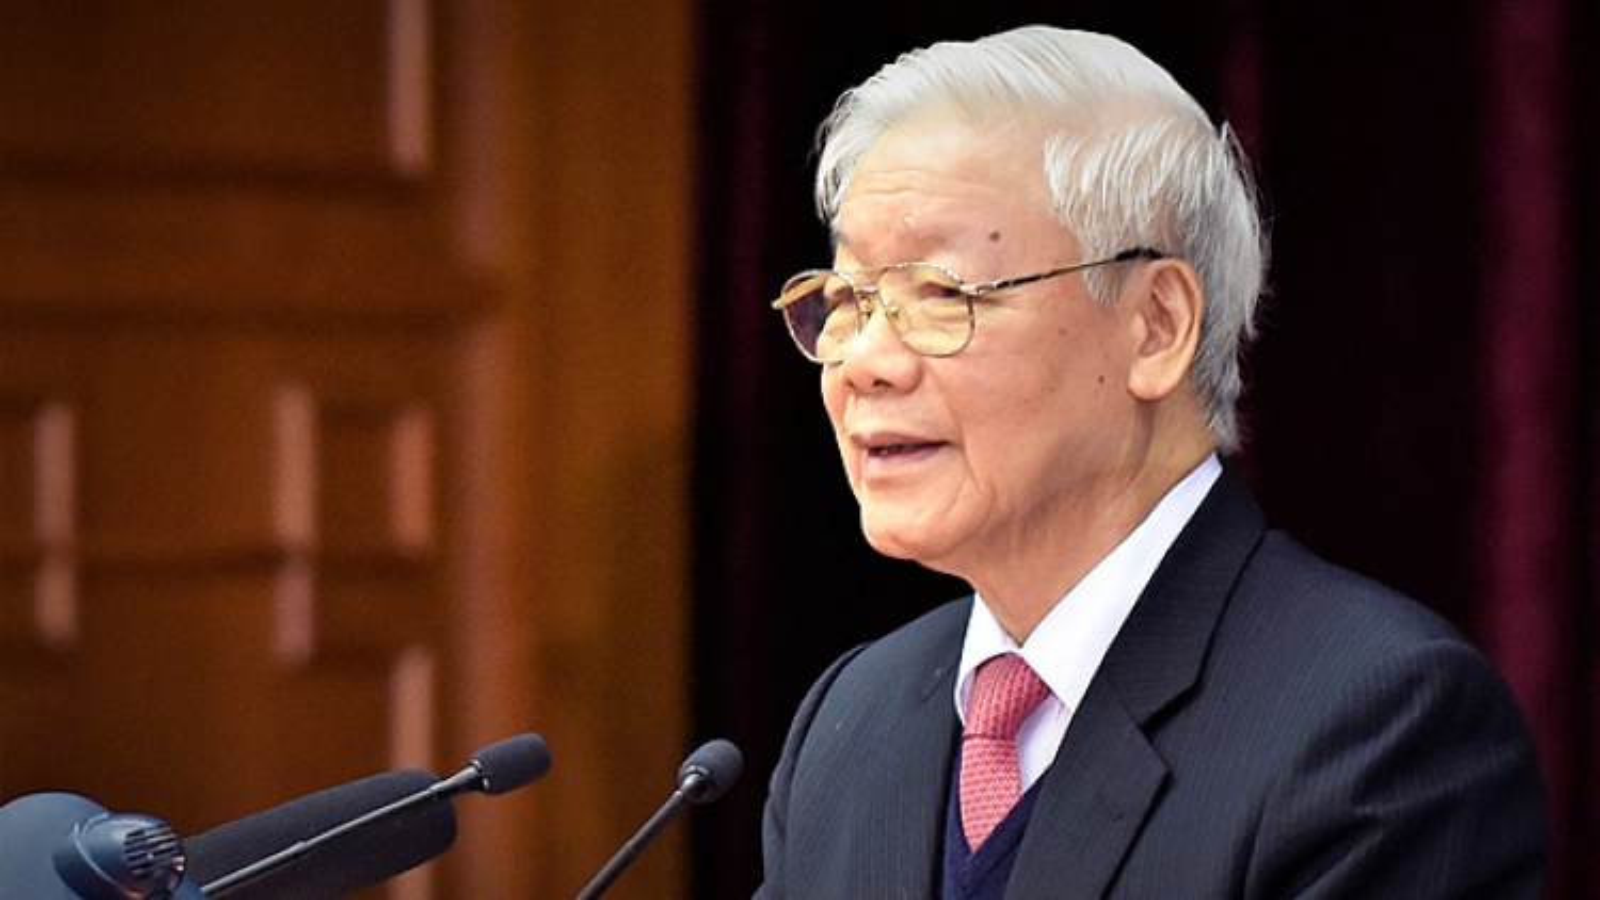 Toàn văn phát biểu bế mạc Hội nghị TƯ 14 của Tổng Bí thư, Chủ tịch nước